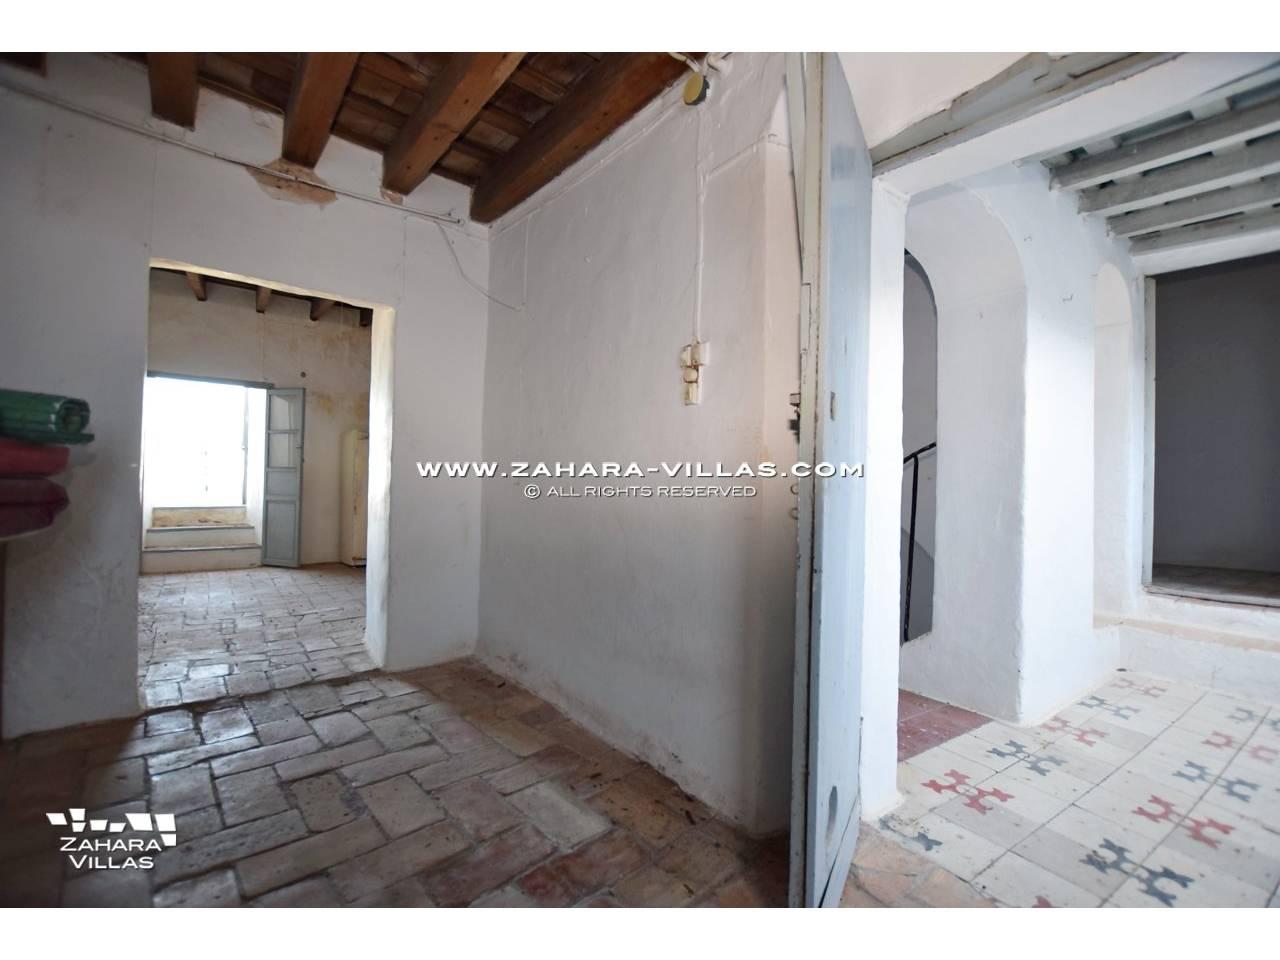 Imagen 2 de Historic buildings for sale in Vejer de la Frontera are sold